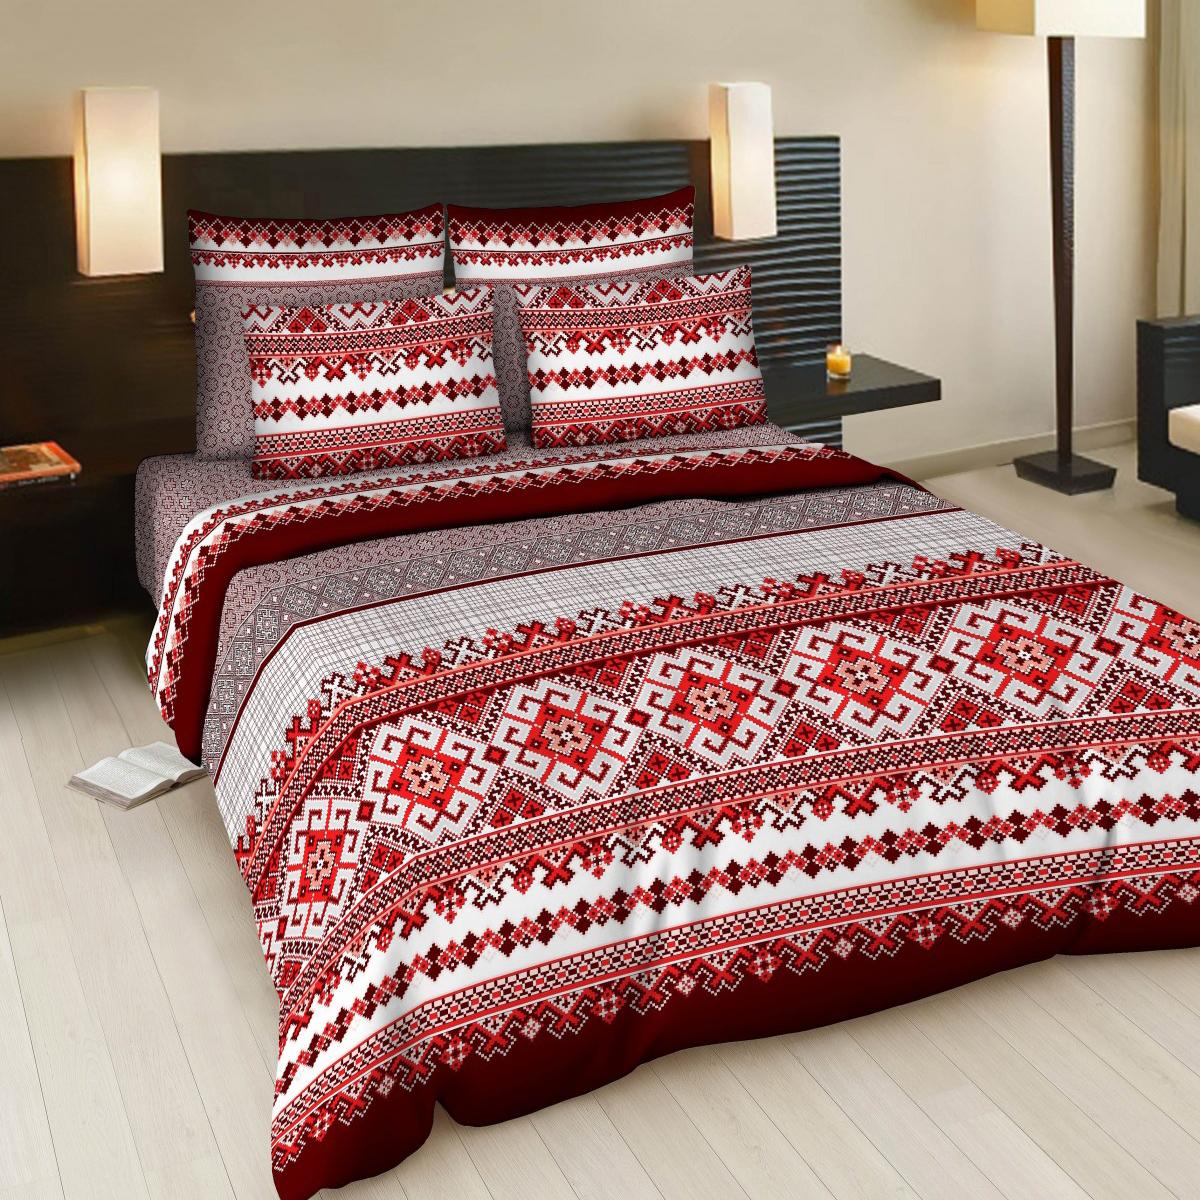 Комплект белья Letto Народные узоры, 2-спальный, наволочки 70х70, цвет: красный, белый, бордовый комплект белья letto народные узоры 1 5 спальный наволочки 70х70 цвет красный белый бордовый